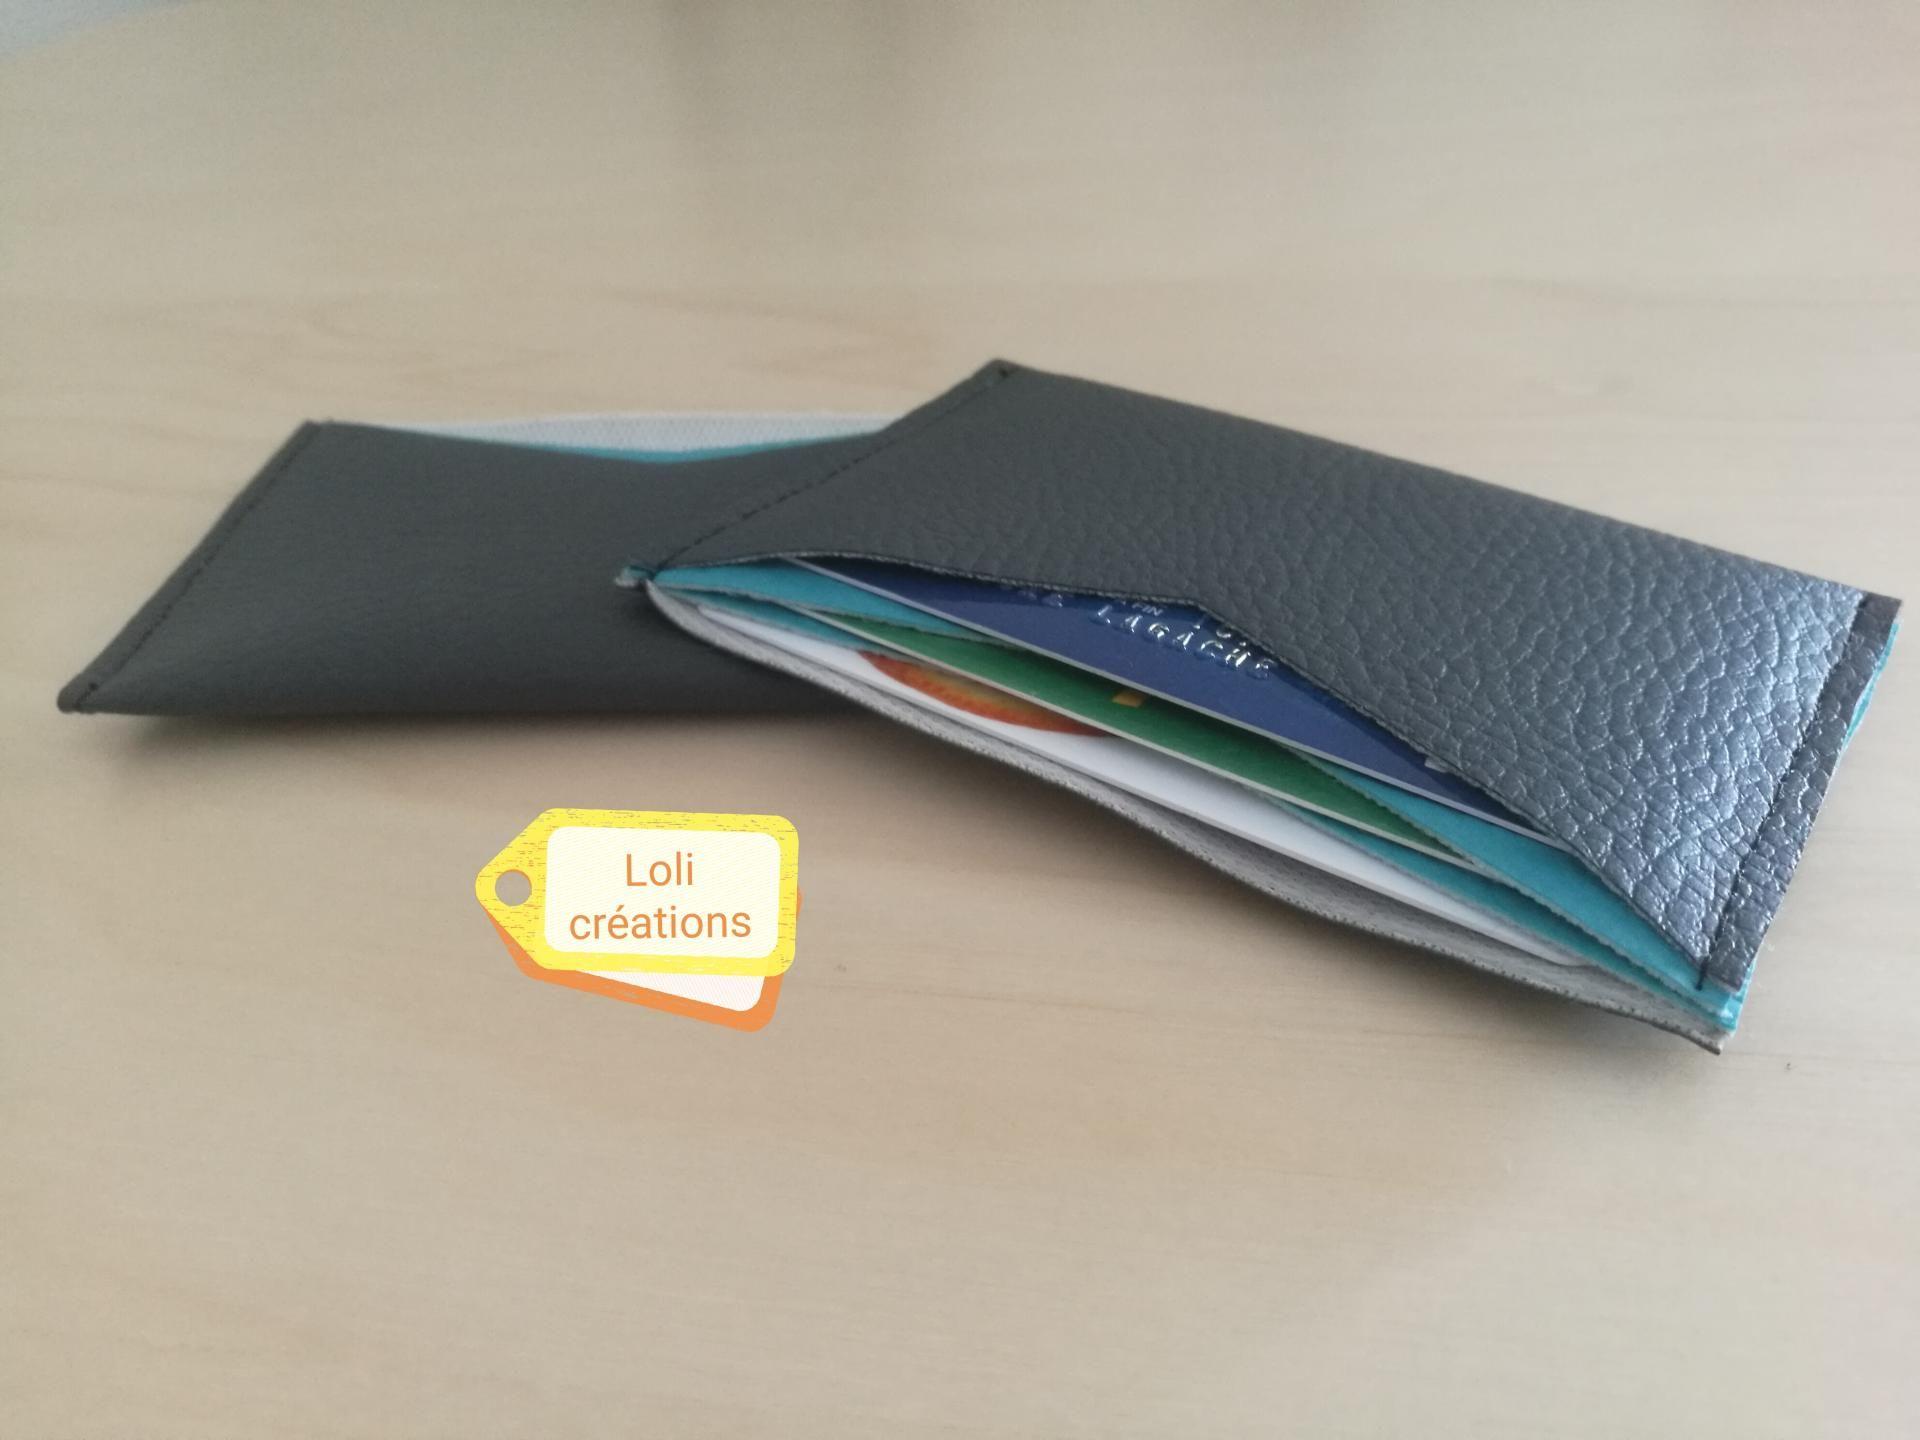 Réalisation d'un porte-cartes tout simple